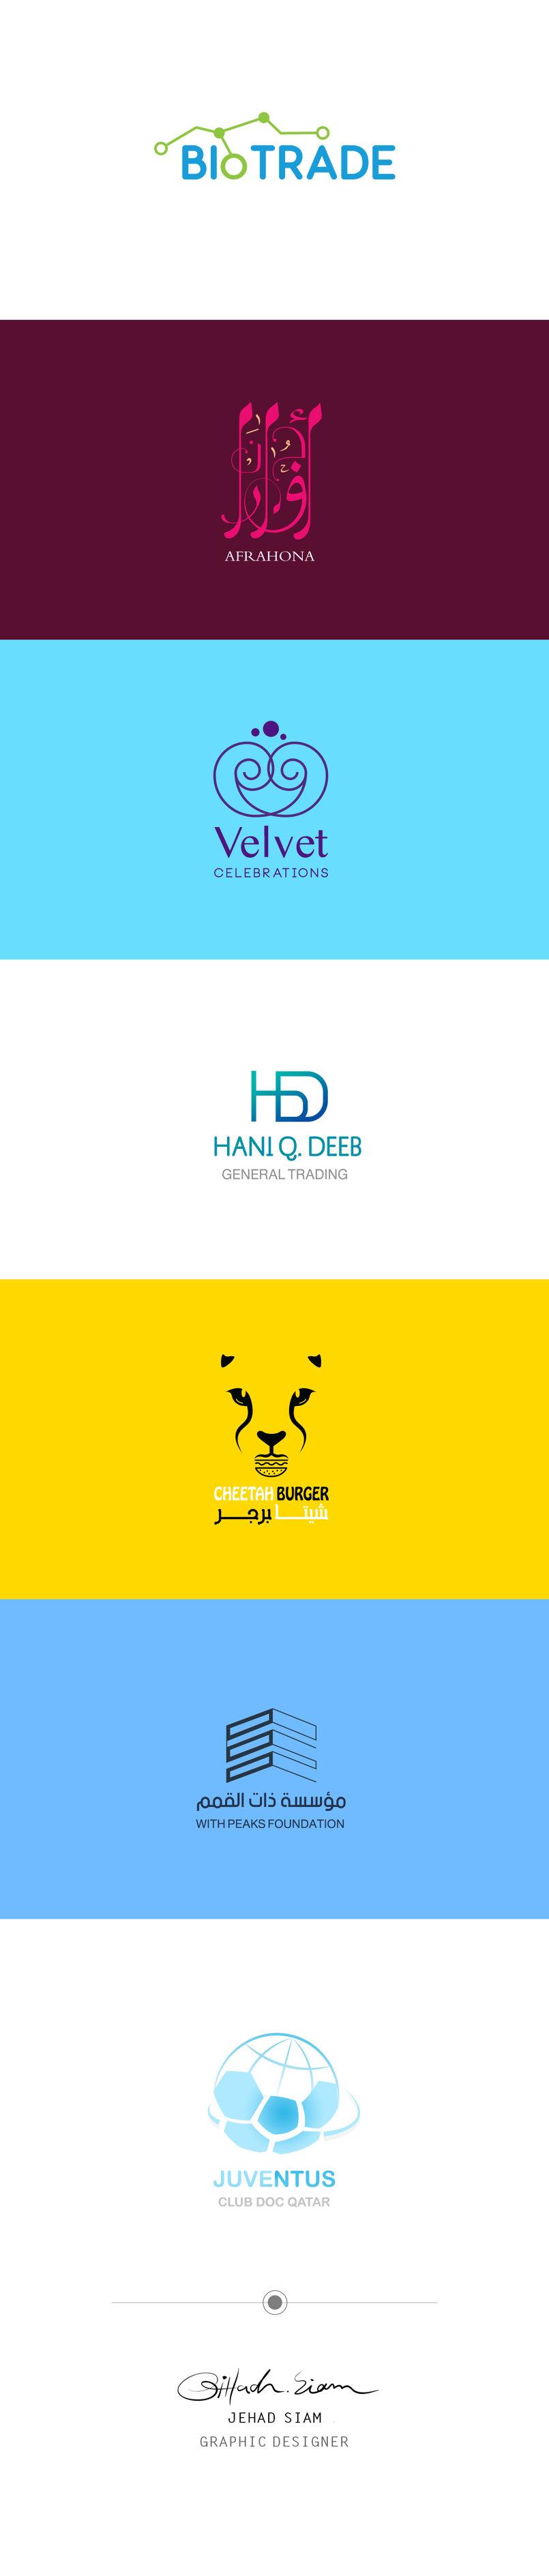 Logo Collection 2014-2015 - 2